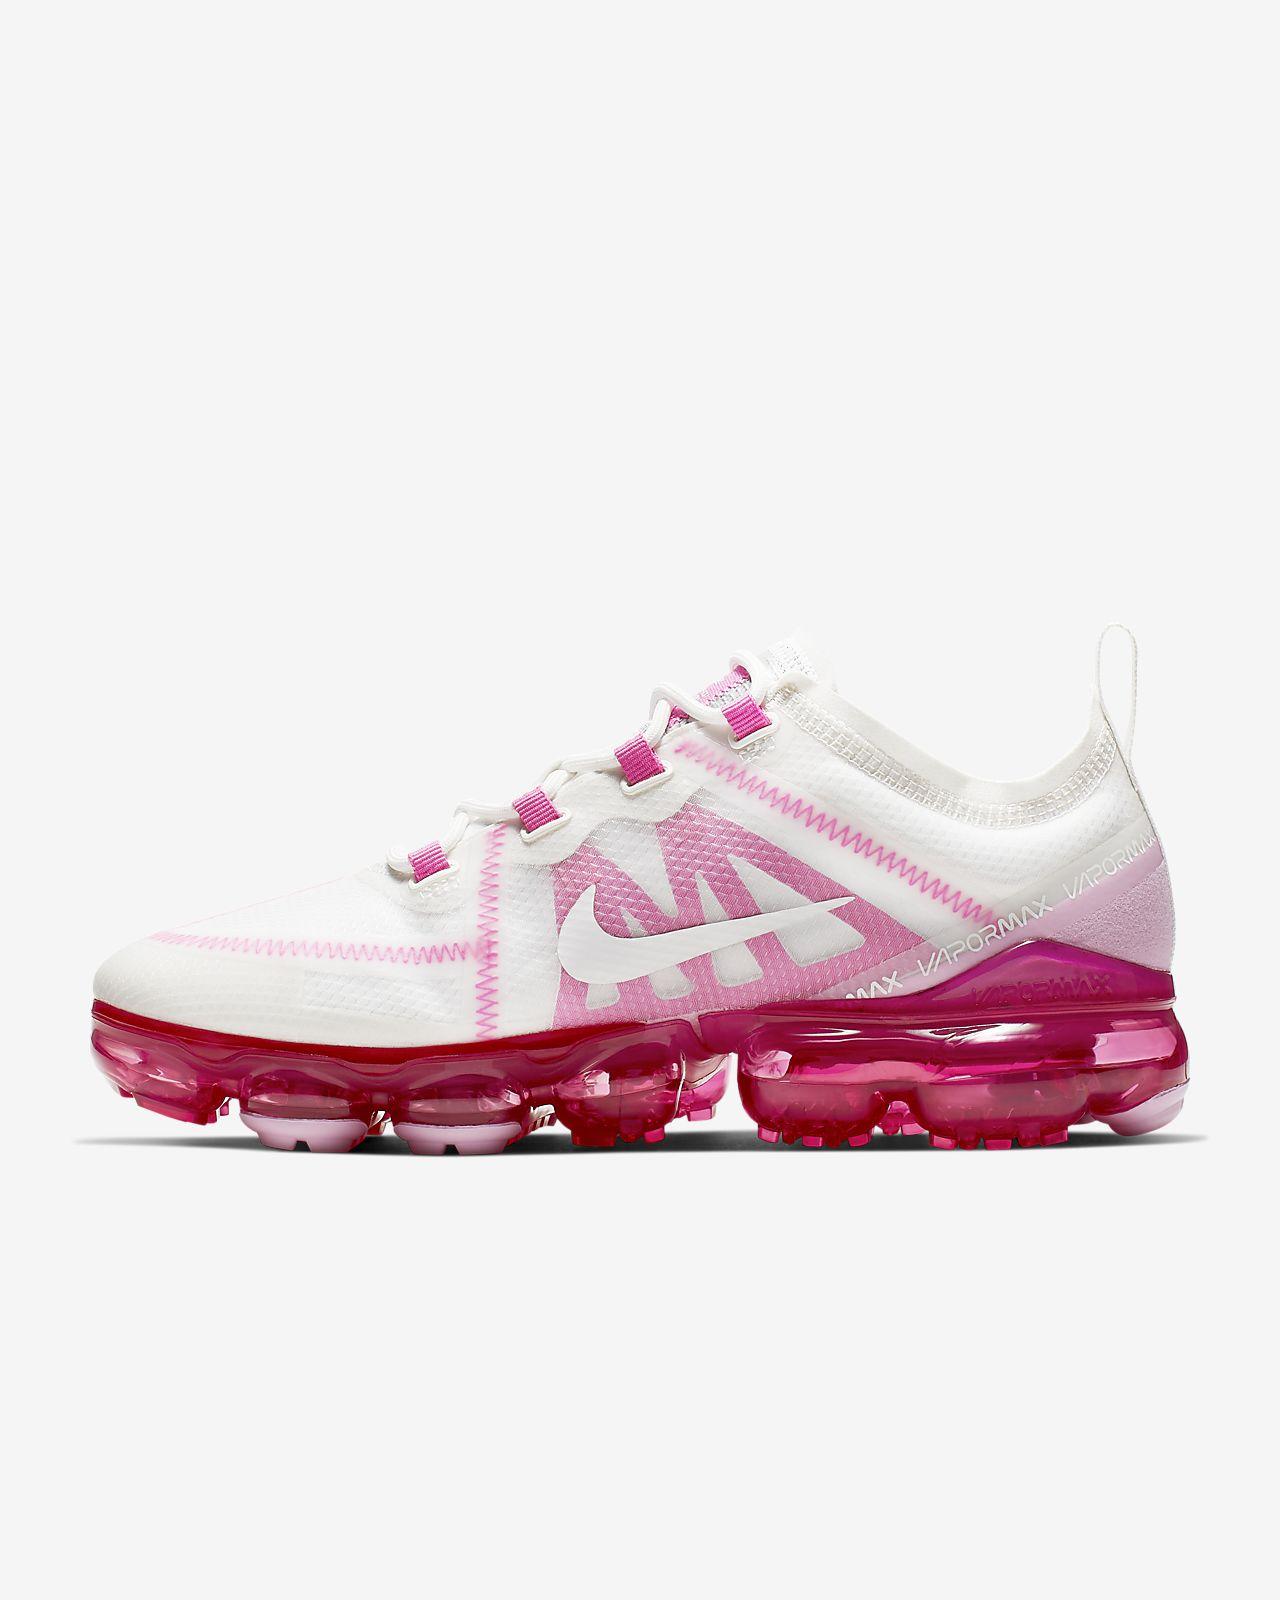 Sko Nike Air VaporMax 2019 för kvinnor